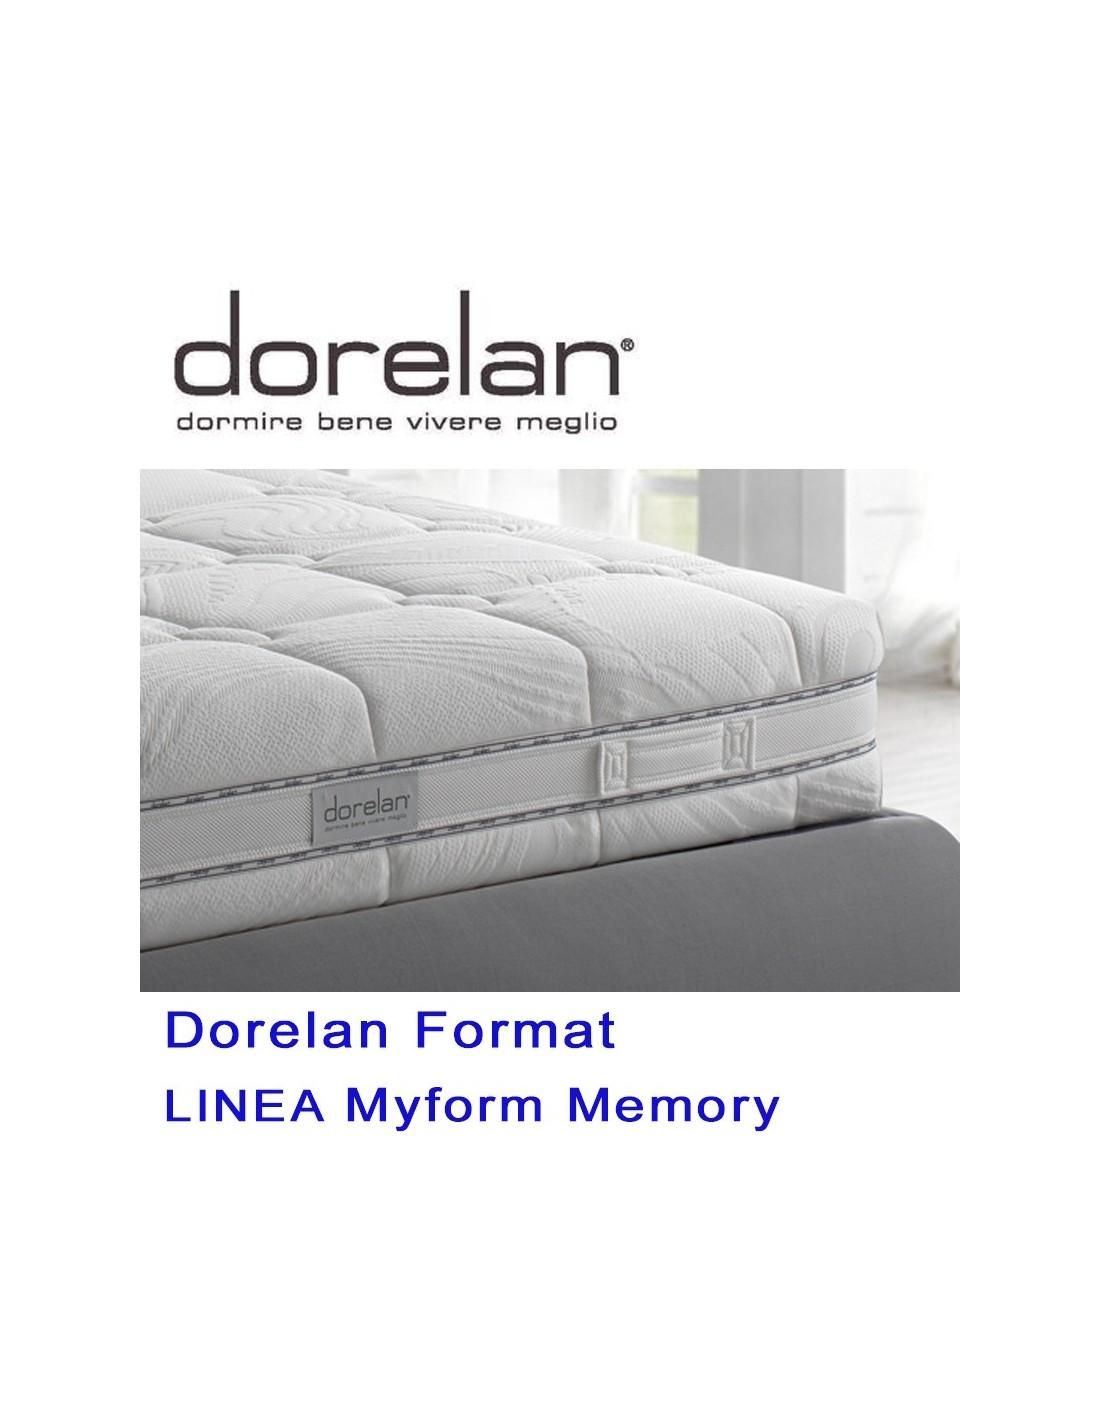 Materasso Dorelan Format Myform Memory i nuovi materassi Dorelan